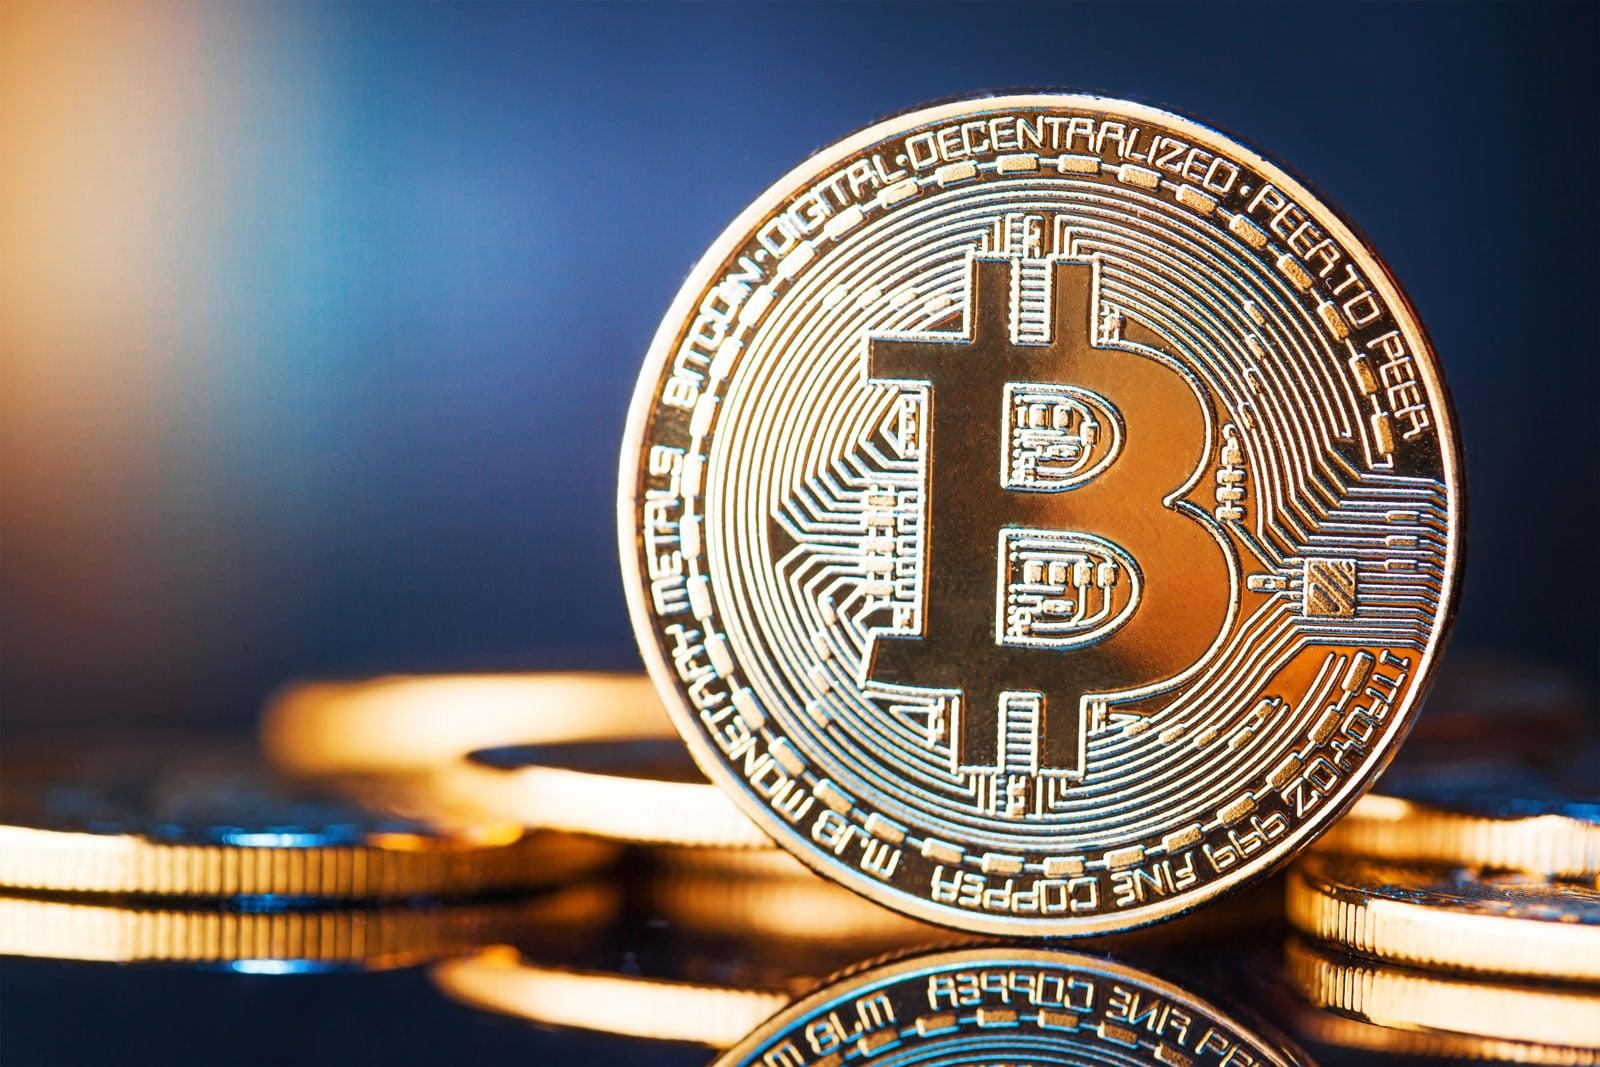 Kurumsal-Şirketler-Bitcoin-Toplamaya-Devam-Ediyor-1